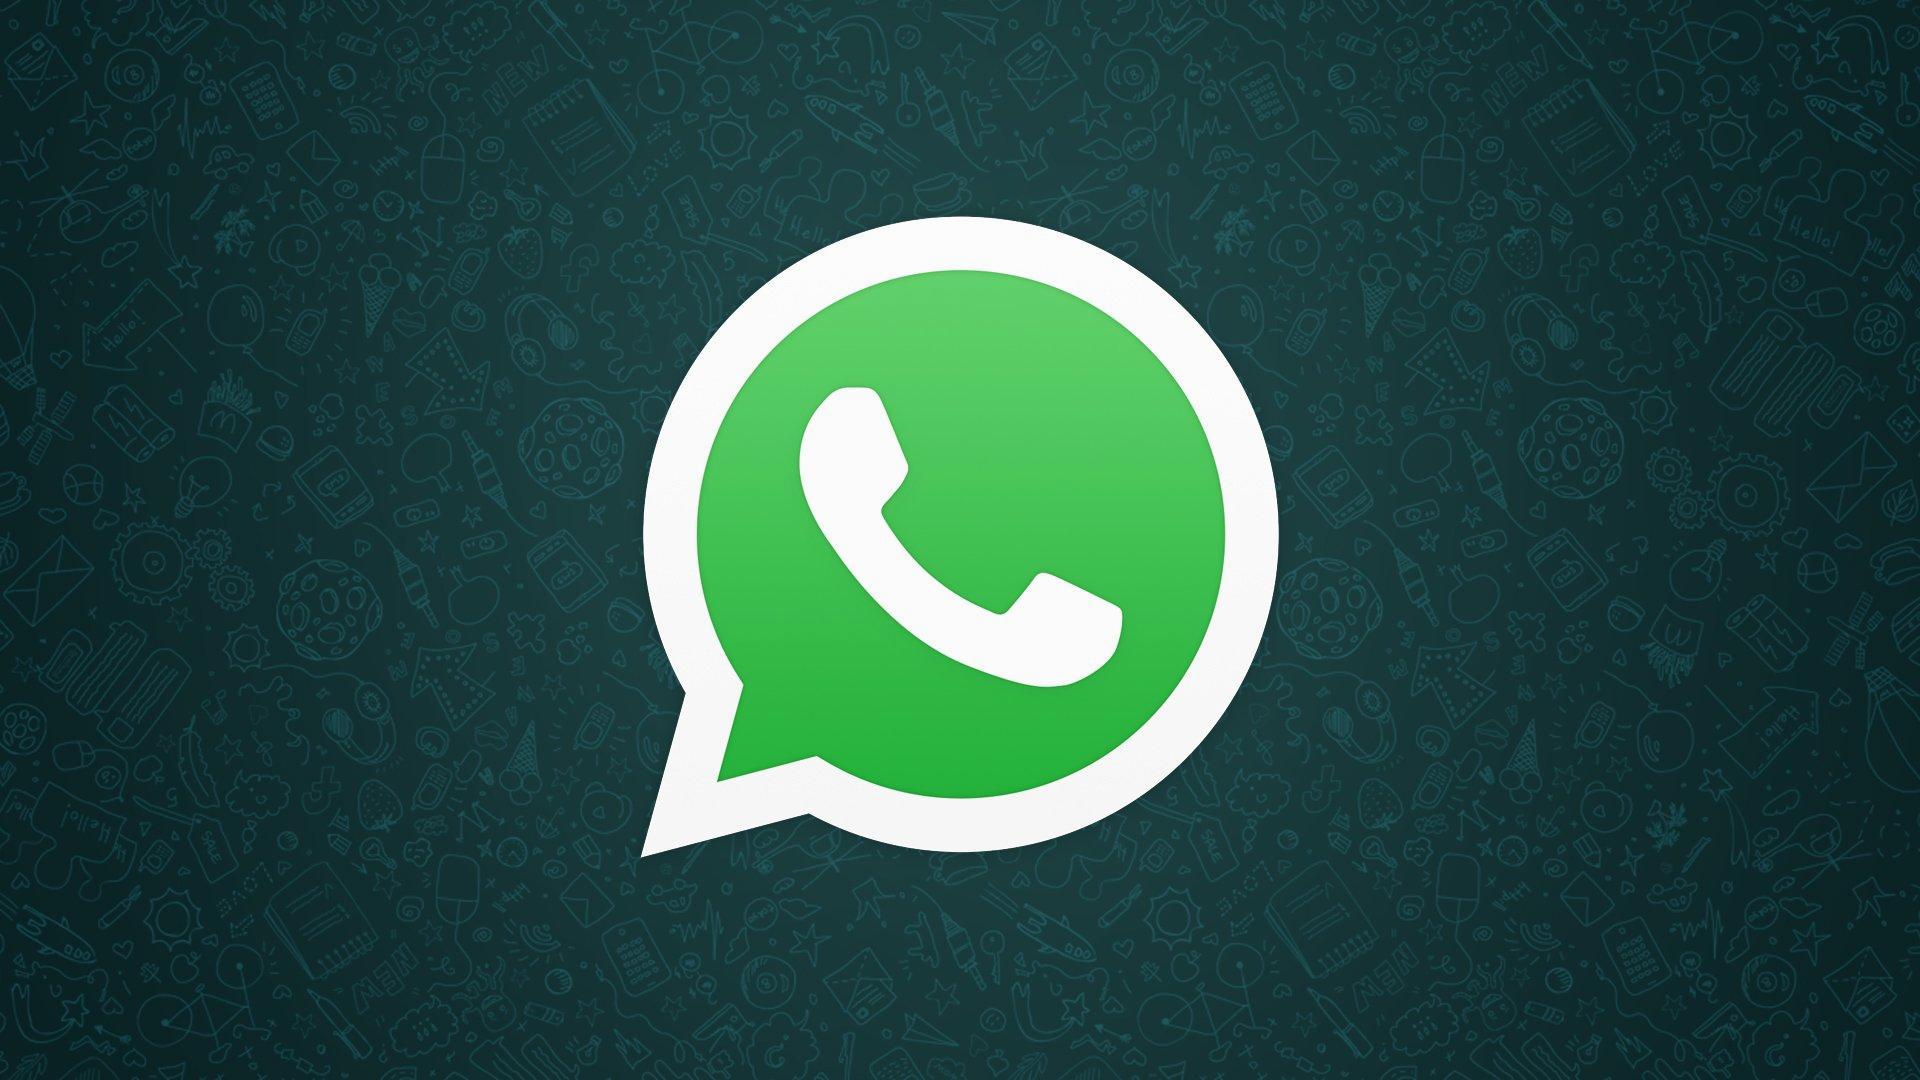 Clique para falar direto no WhatsApp